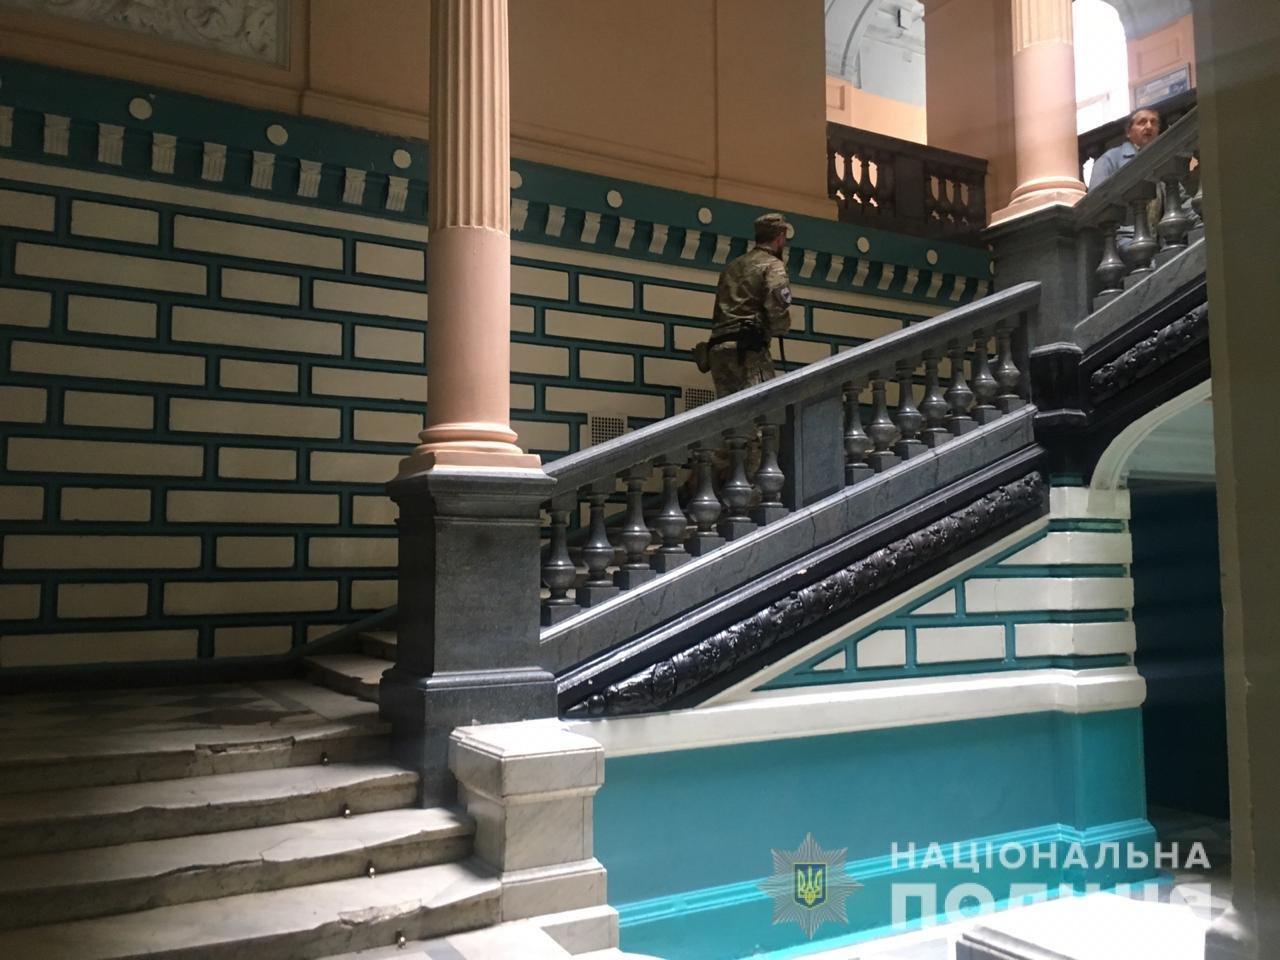 «Минирование» харьковского колледжа: полицейские эвакуировали 900 человек, - ФОТО, фото-3